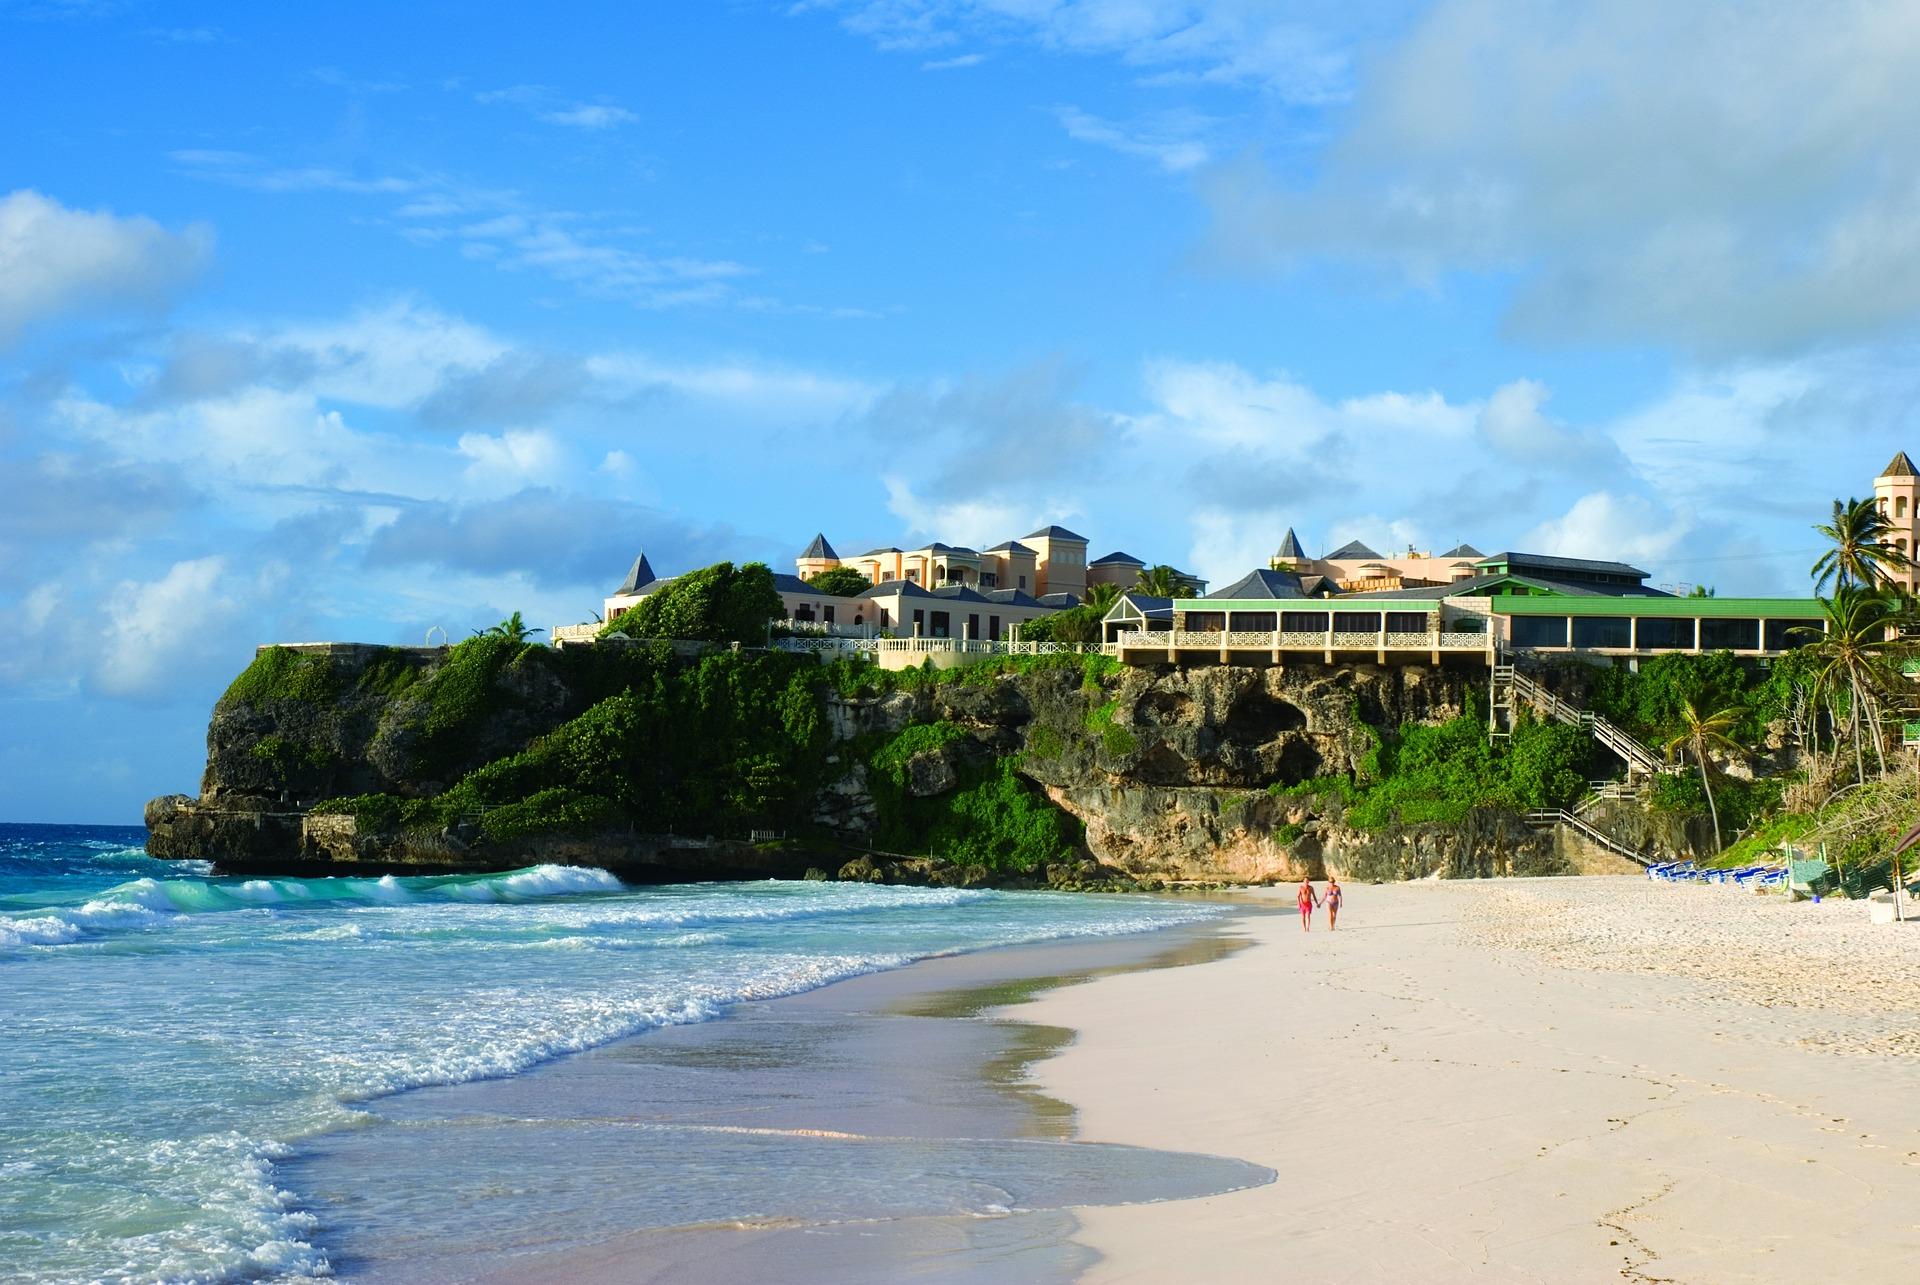 Barbados beach hotel